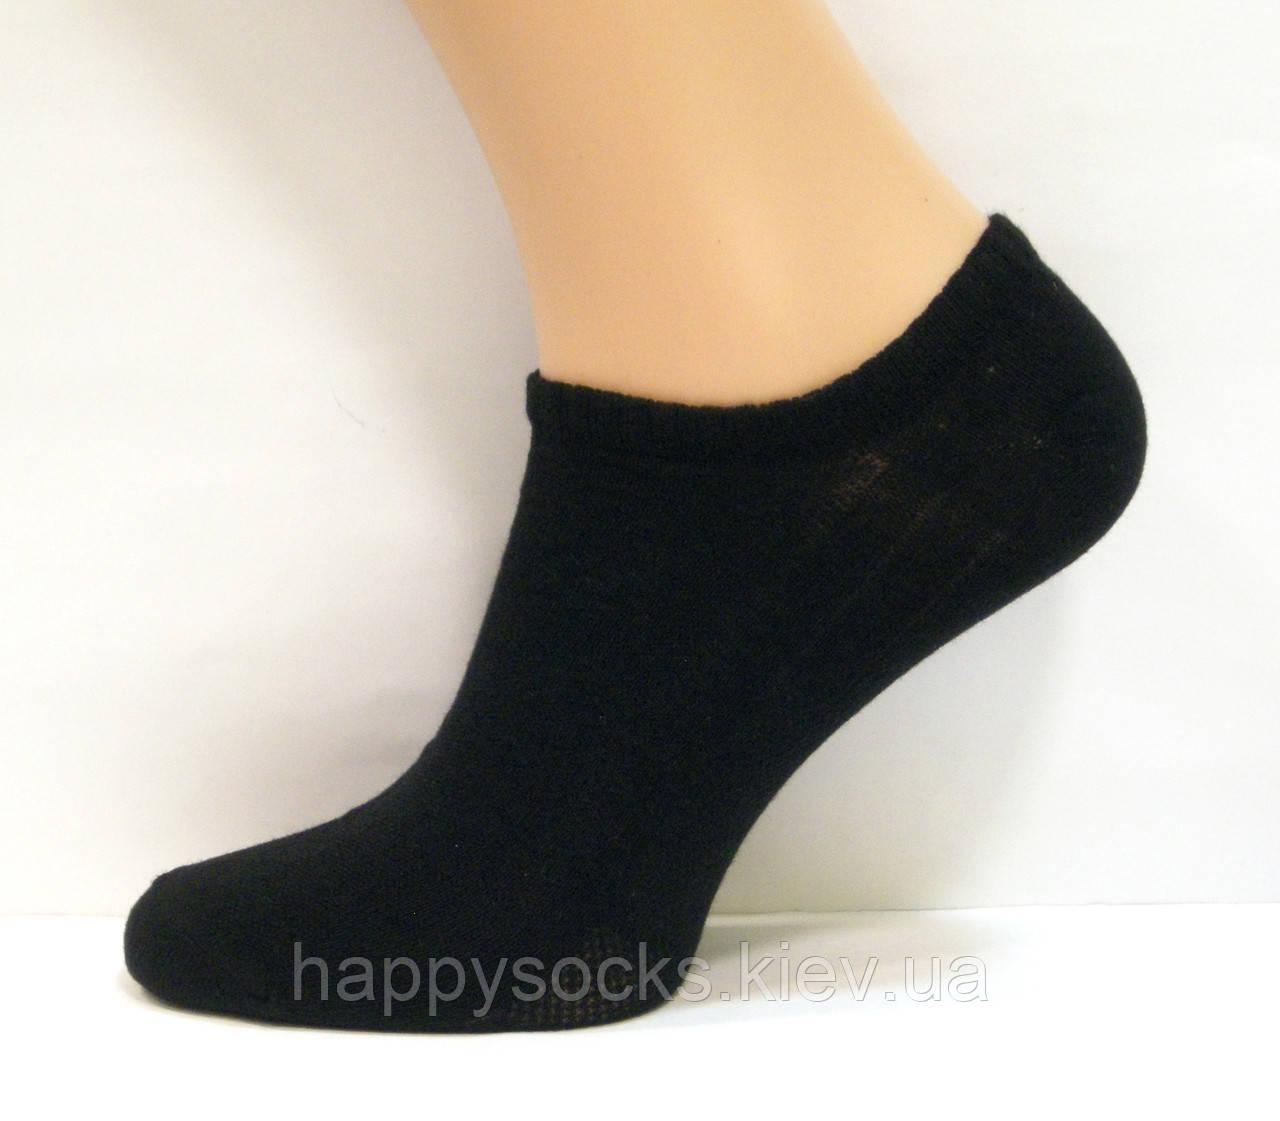 Носки в сеточку мужские черного цвета